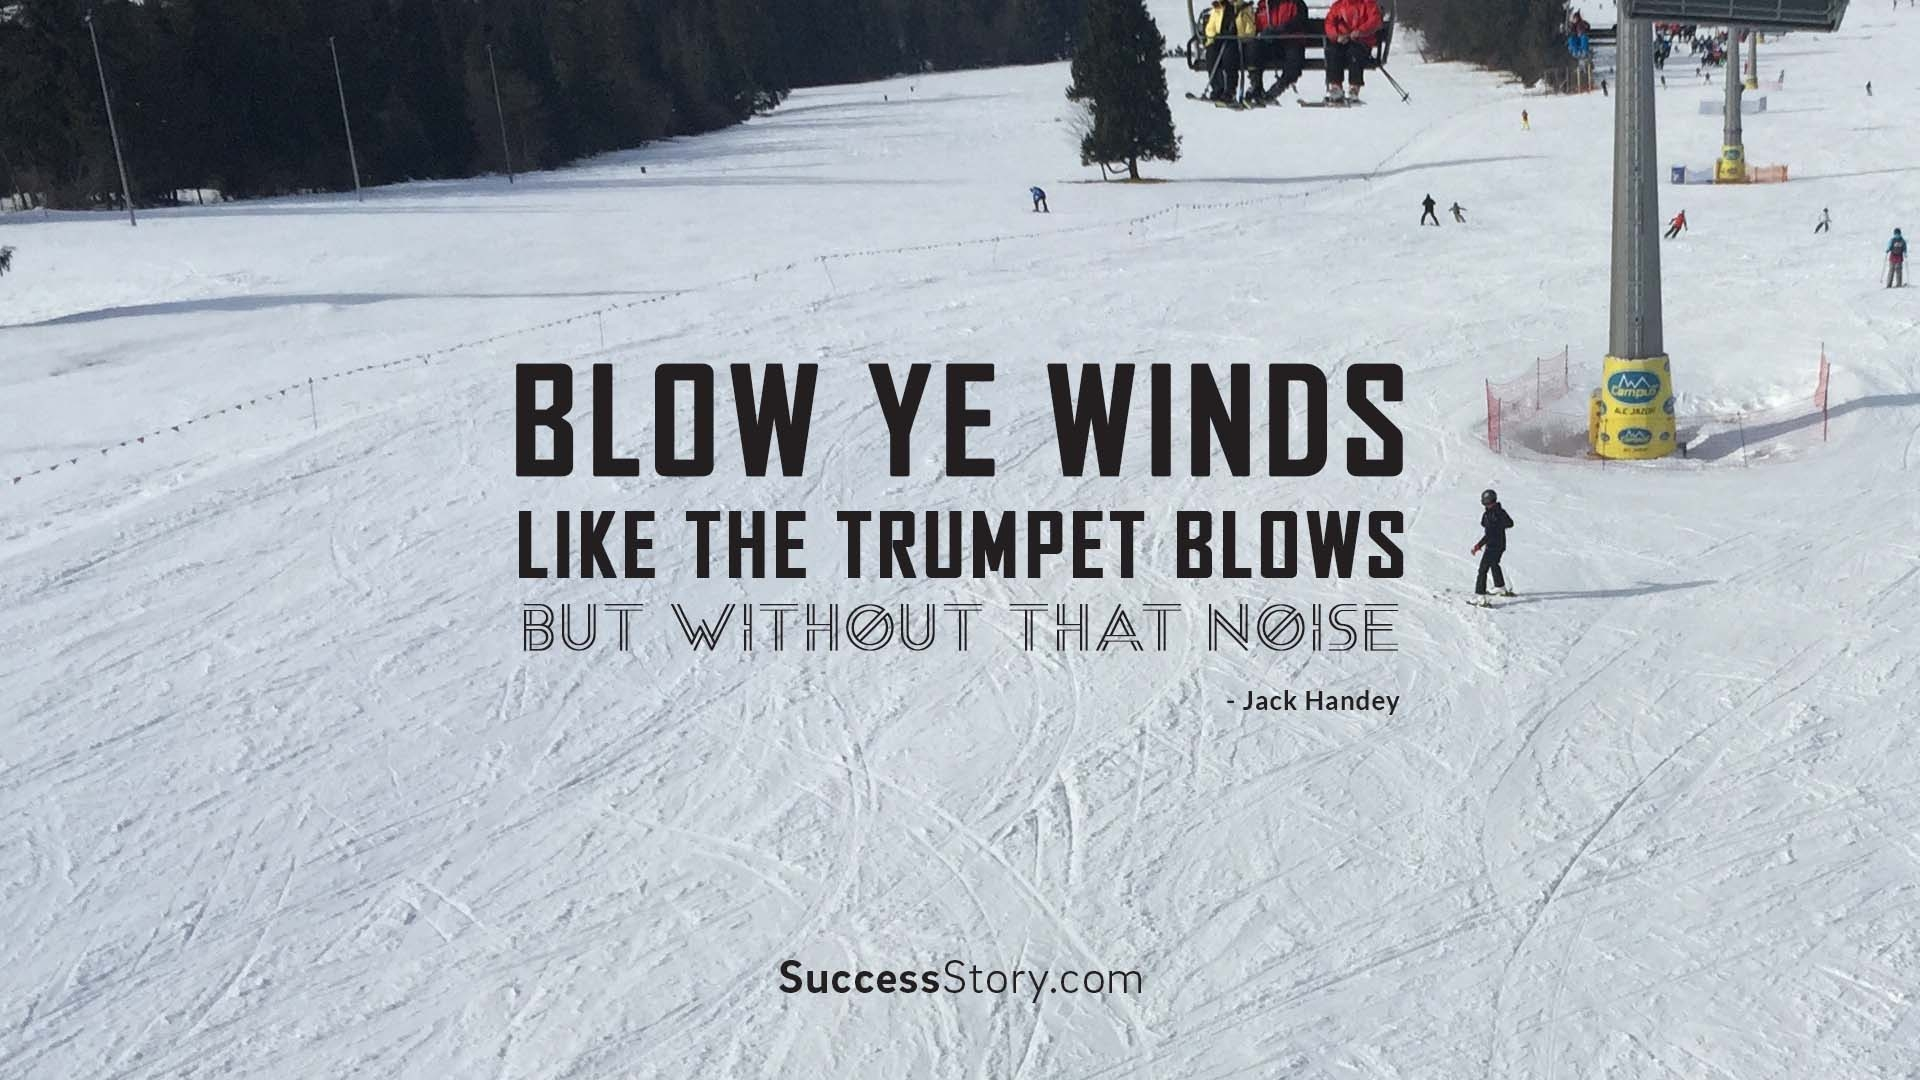 Blow ye winds, lik